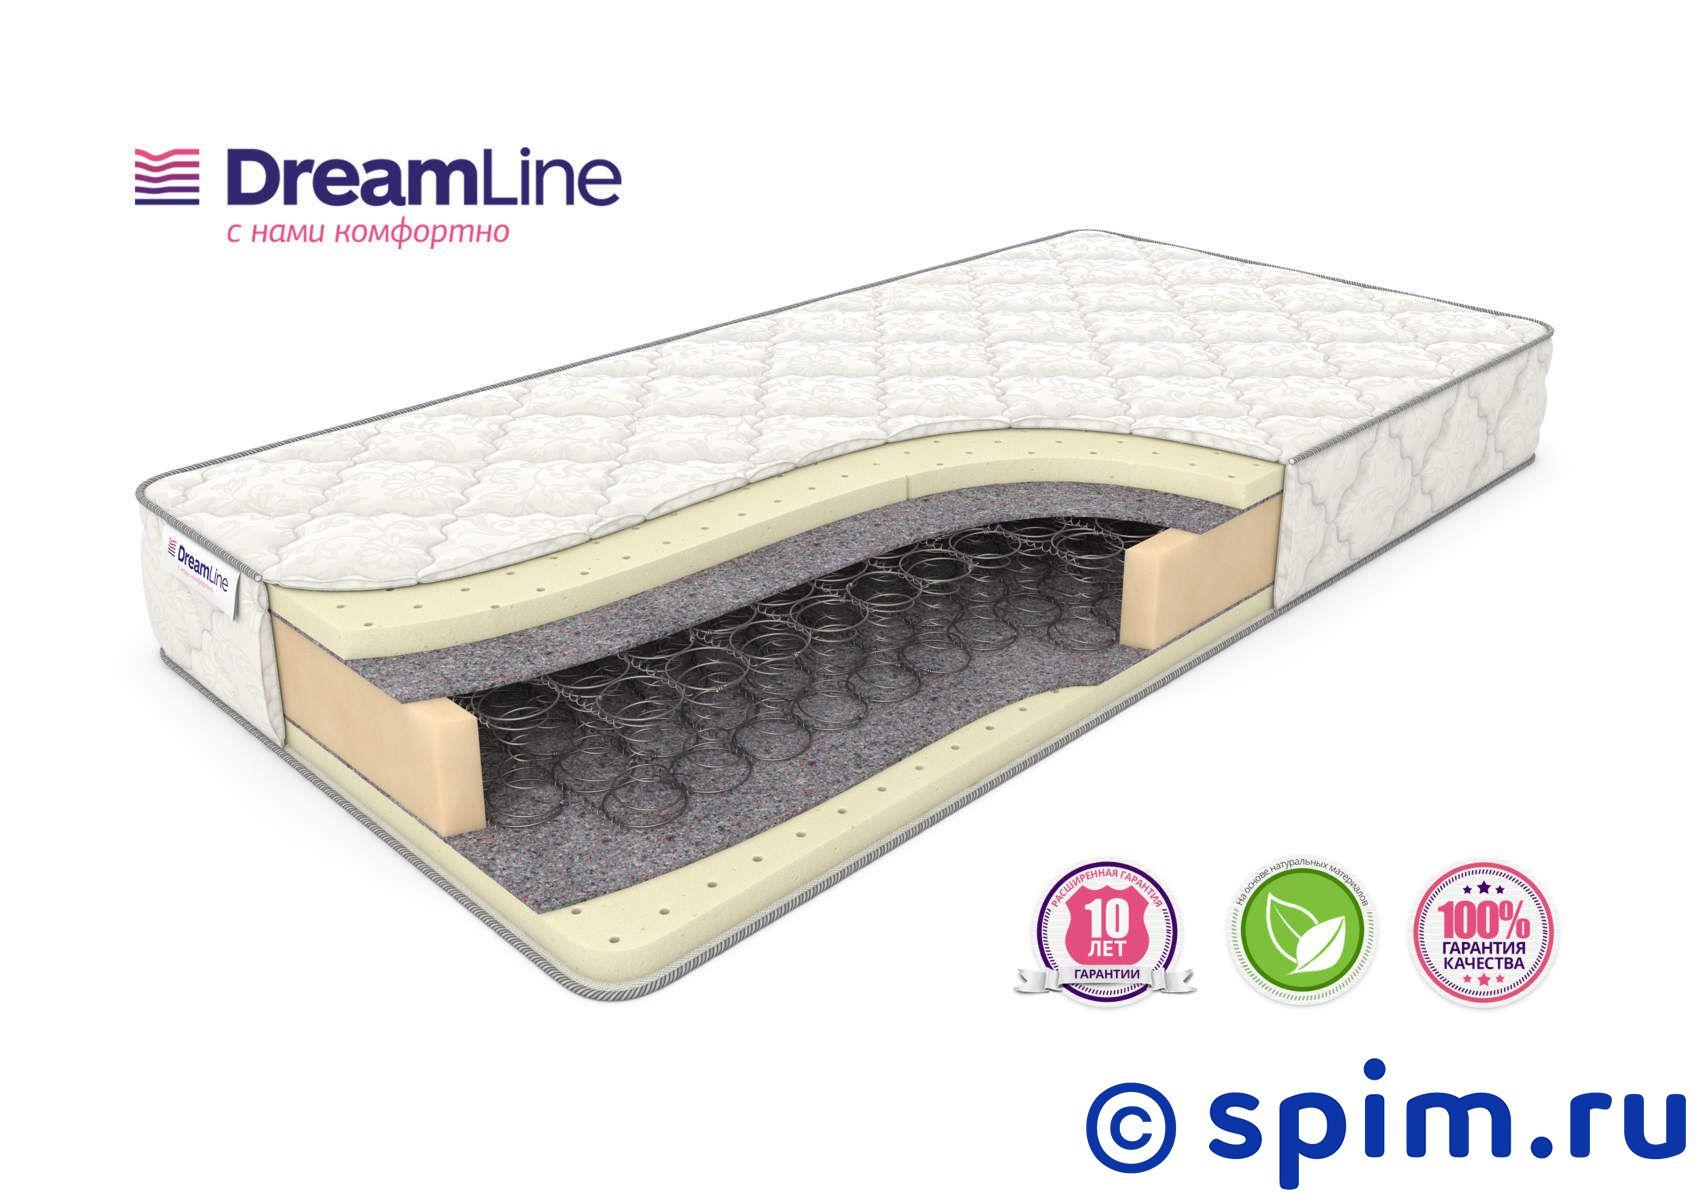 Матрас DreamLine Sleep 3 Bonnell 180х190 см матрас dreamline classic 15 hard bs 120 150x200